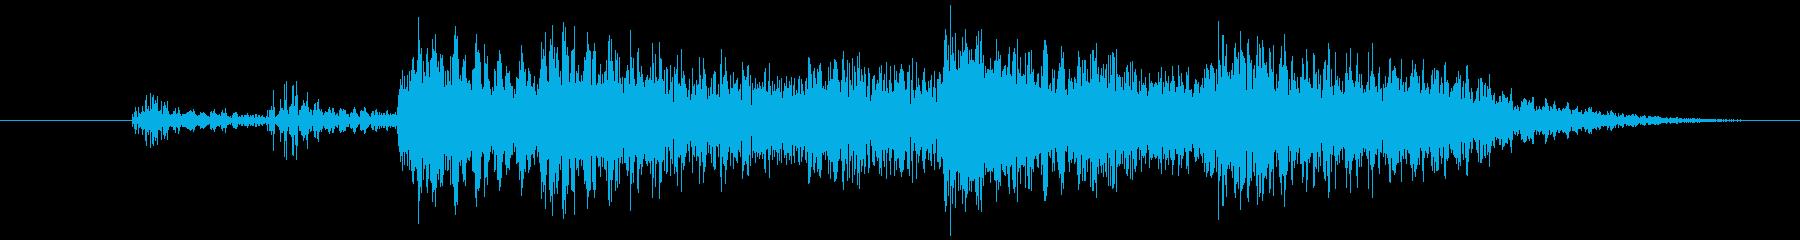 ジャカジャーン(アコギとピアノ)の再生済みの波形